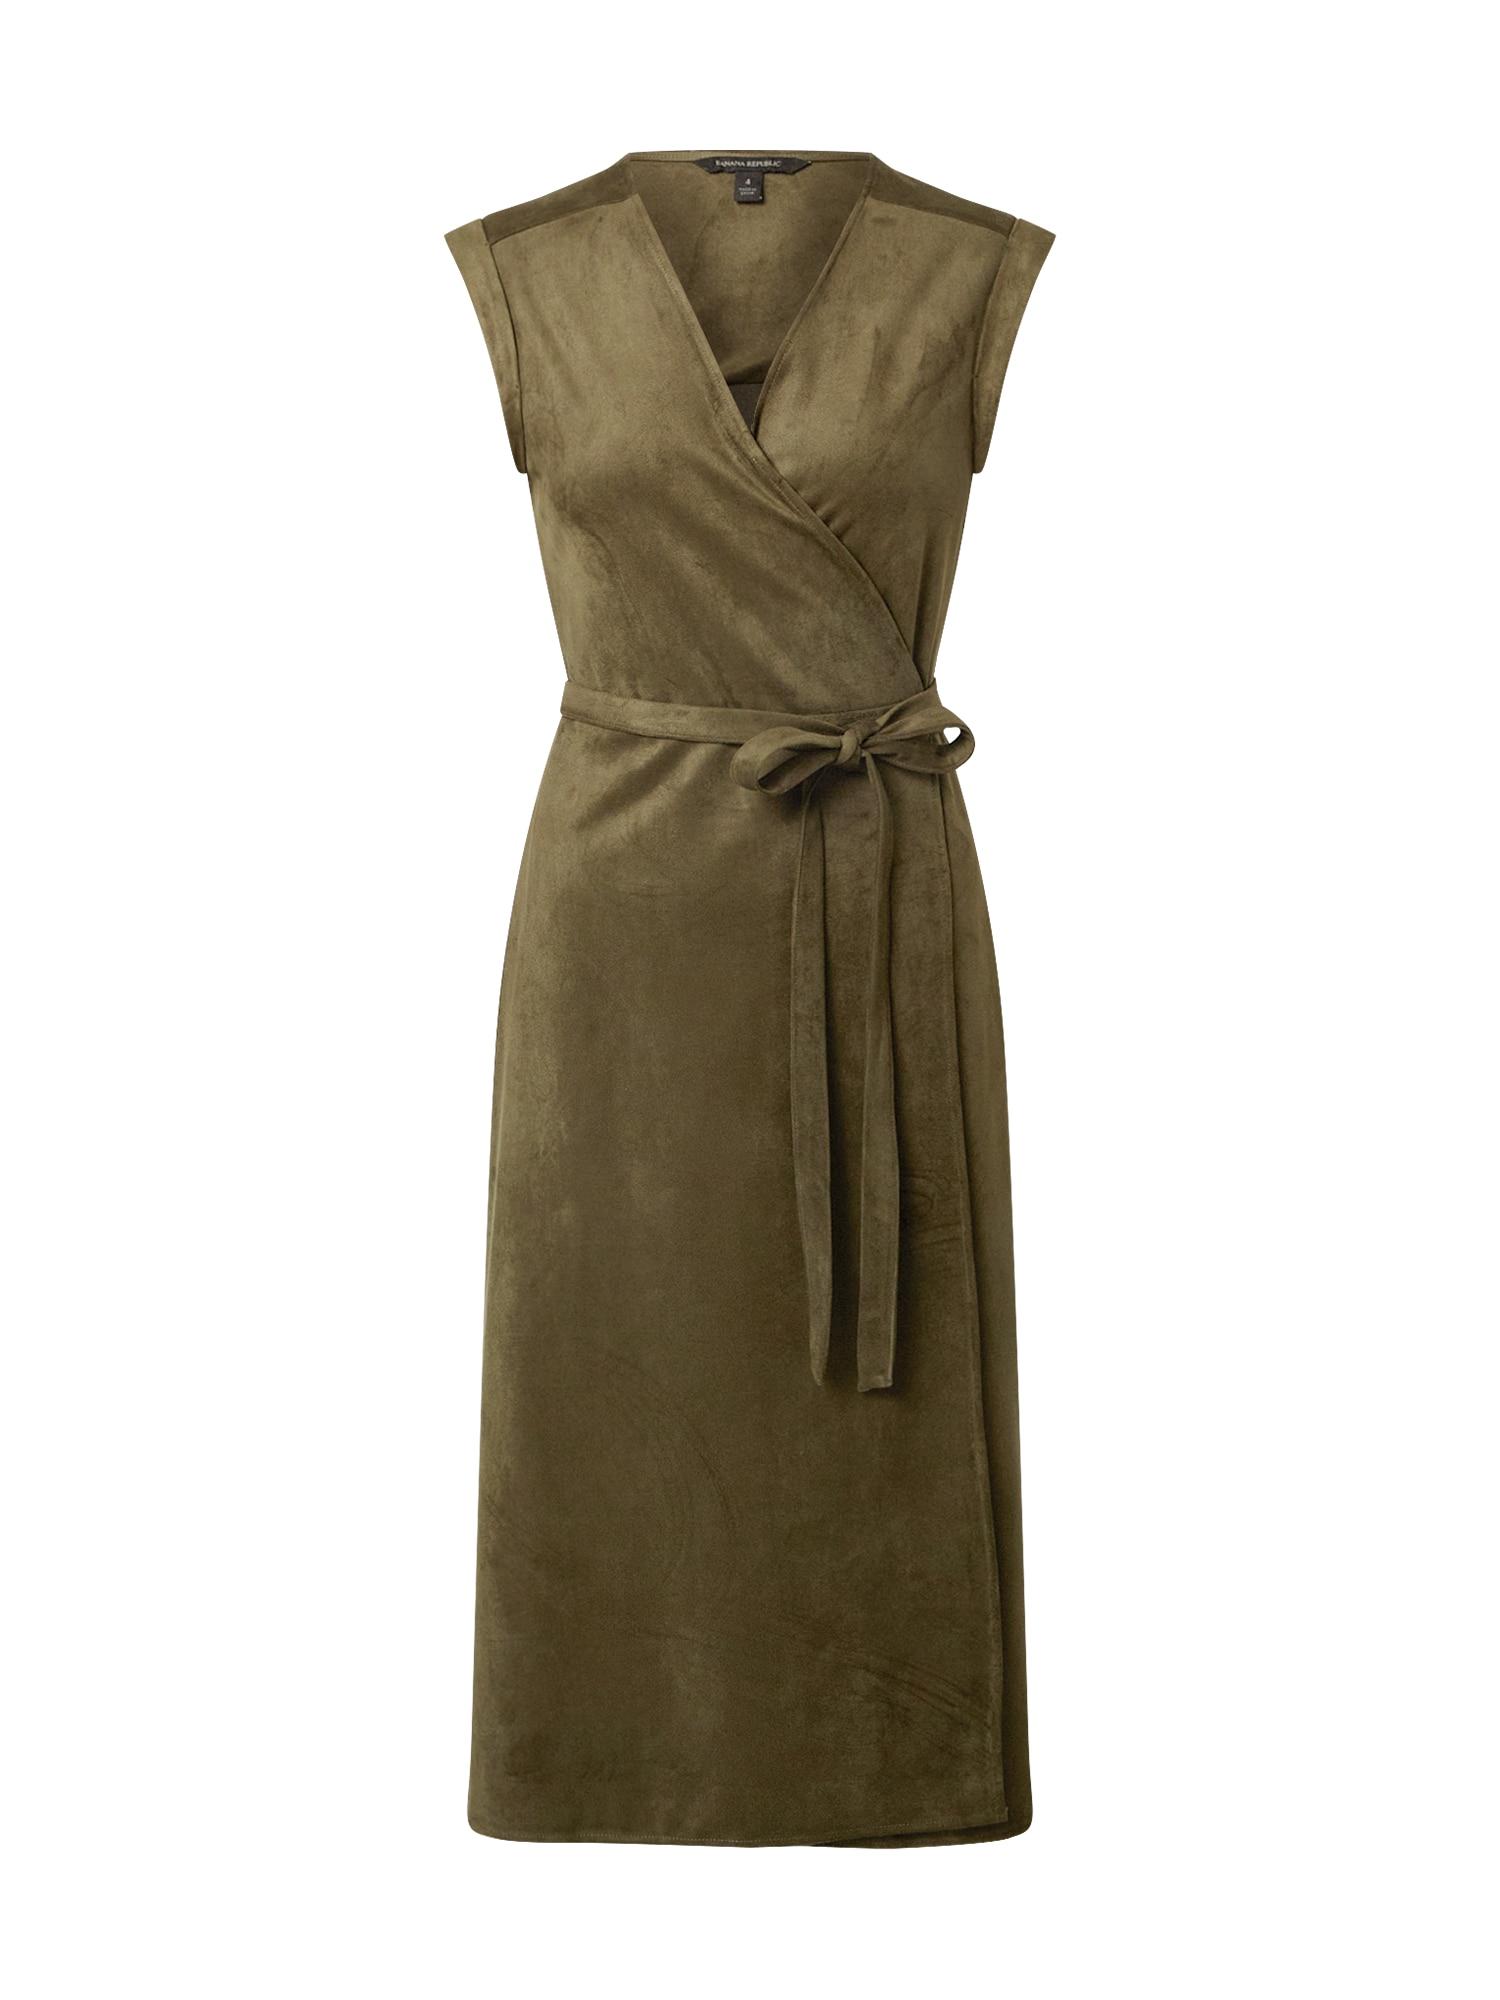 Banana Republic Suknelė rusvai žalia